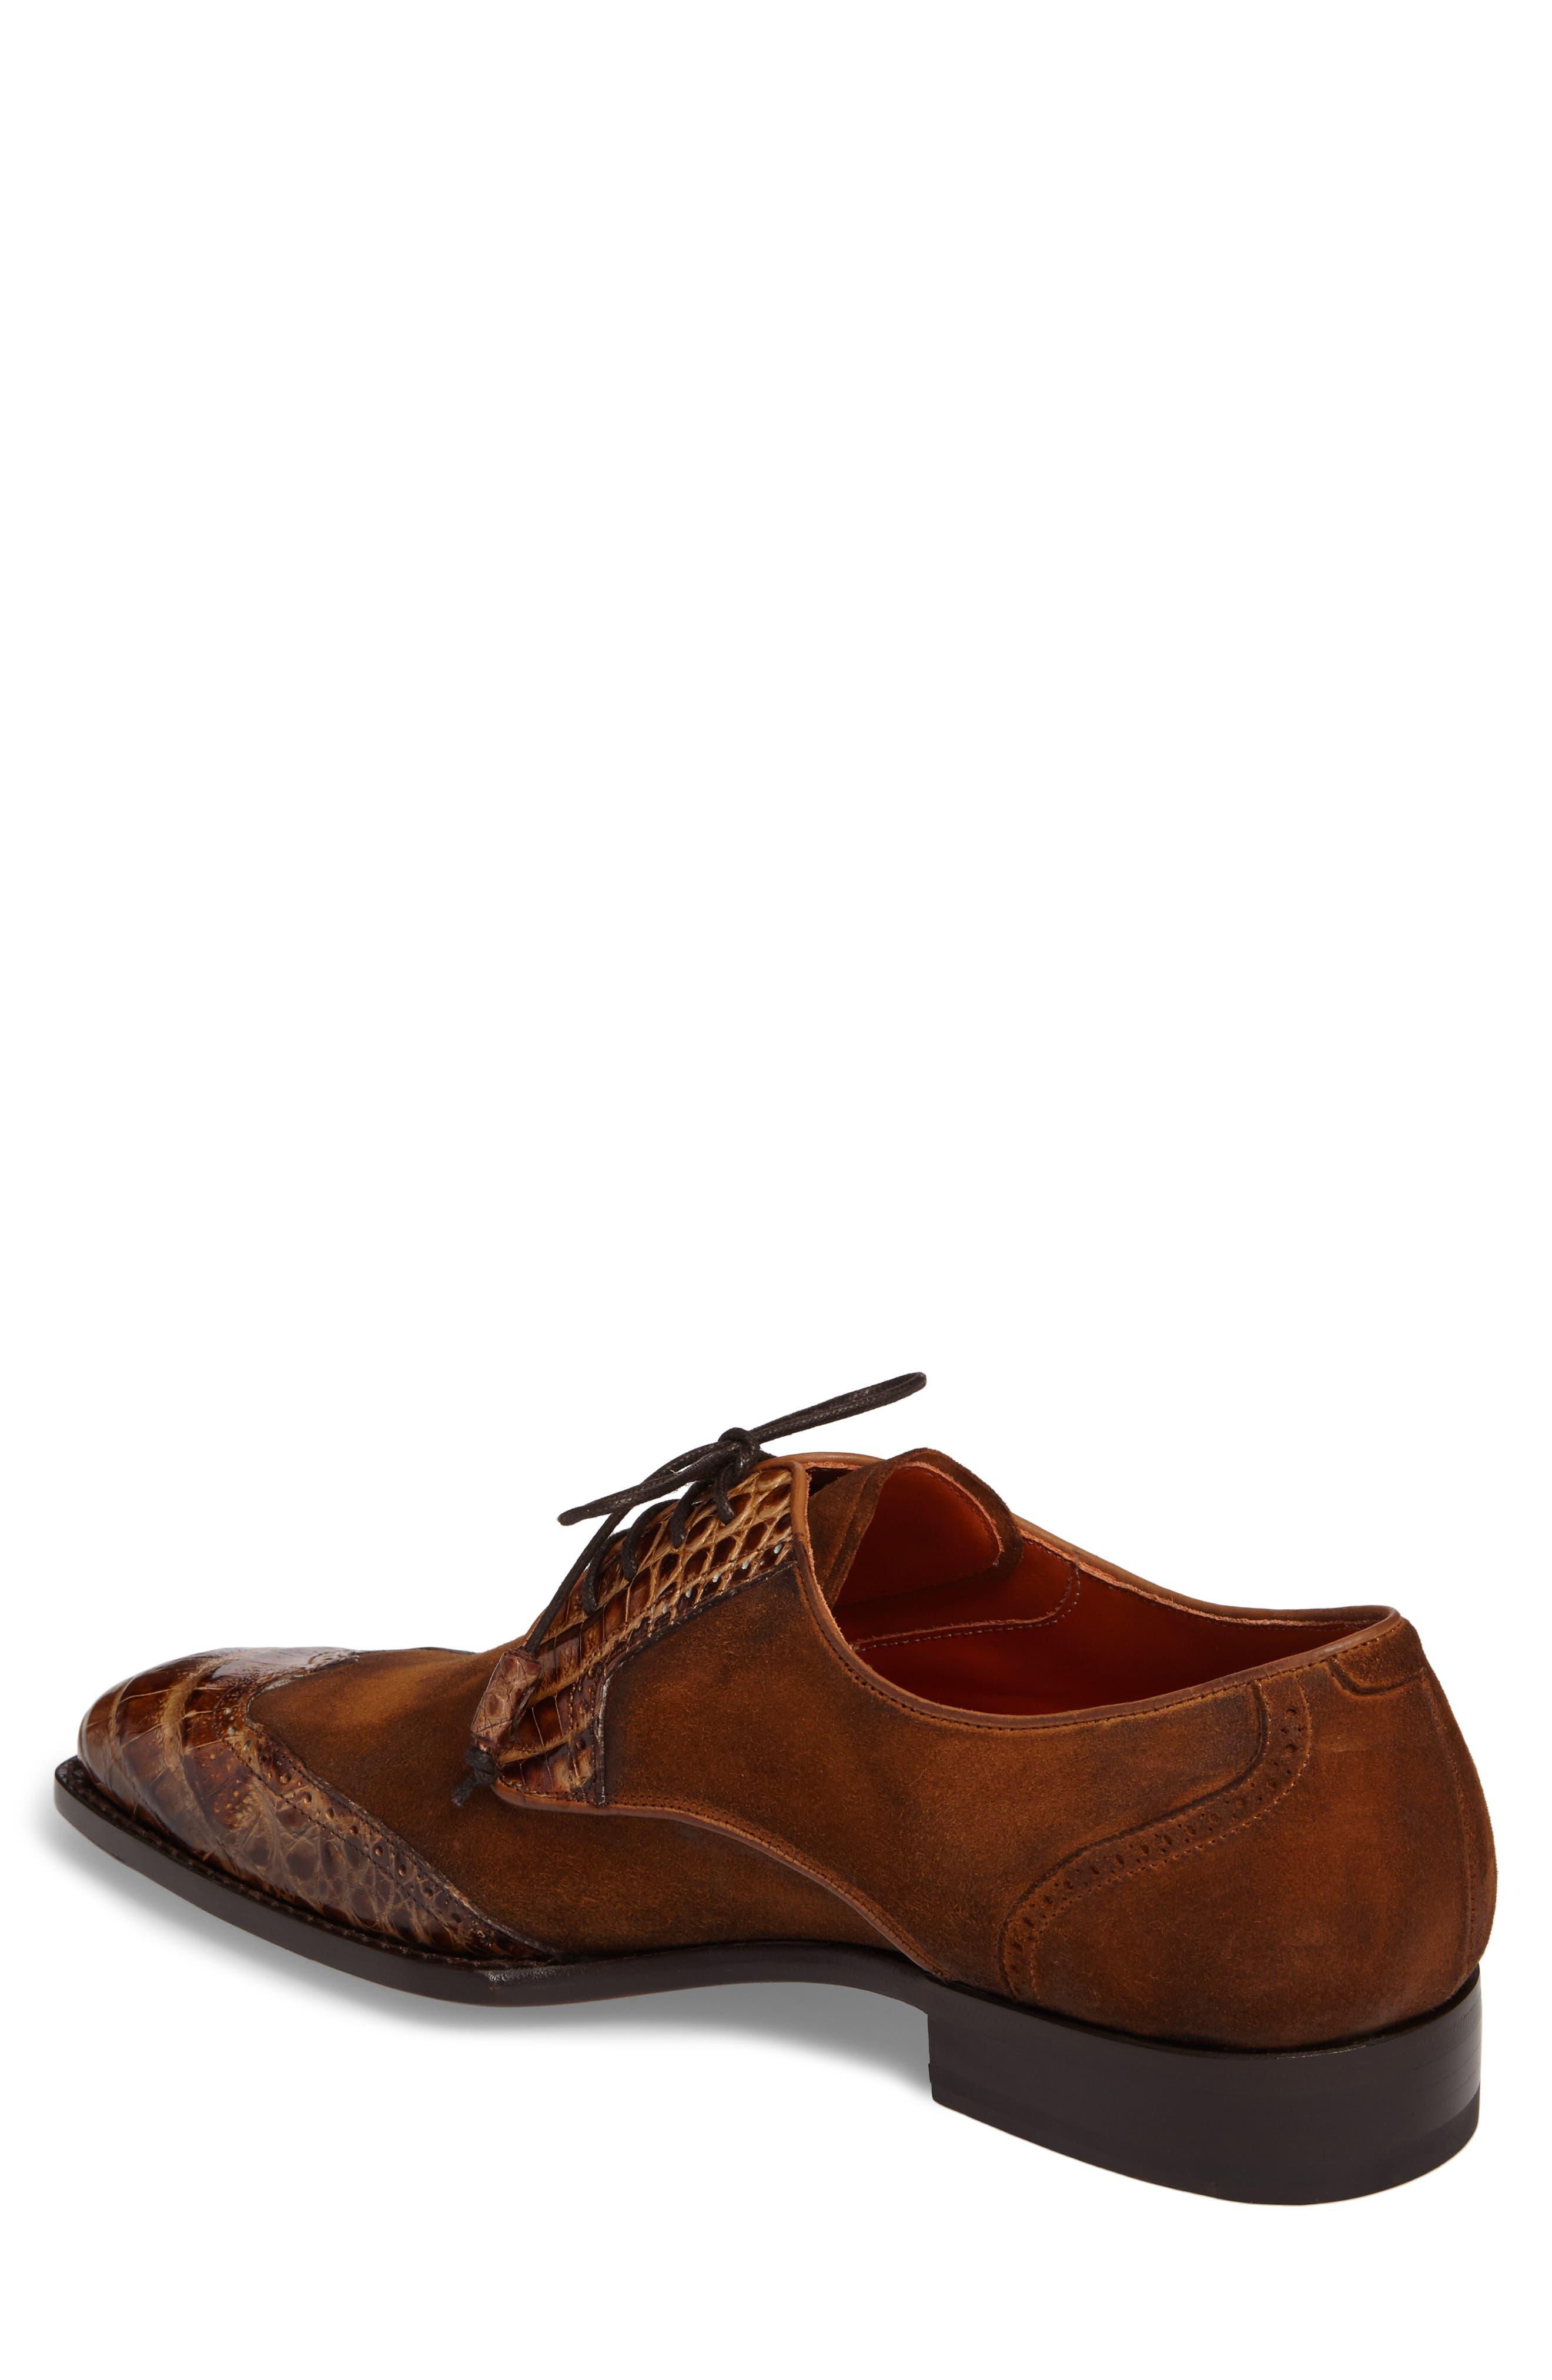 Nunez Spectator Shoe,                             Alternate thumbnail 2, color,                             CAMEL/ BEIGE